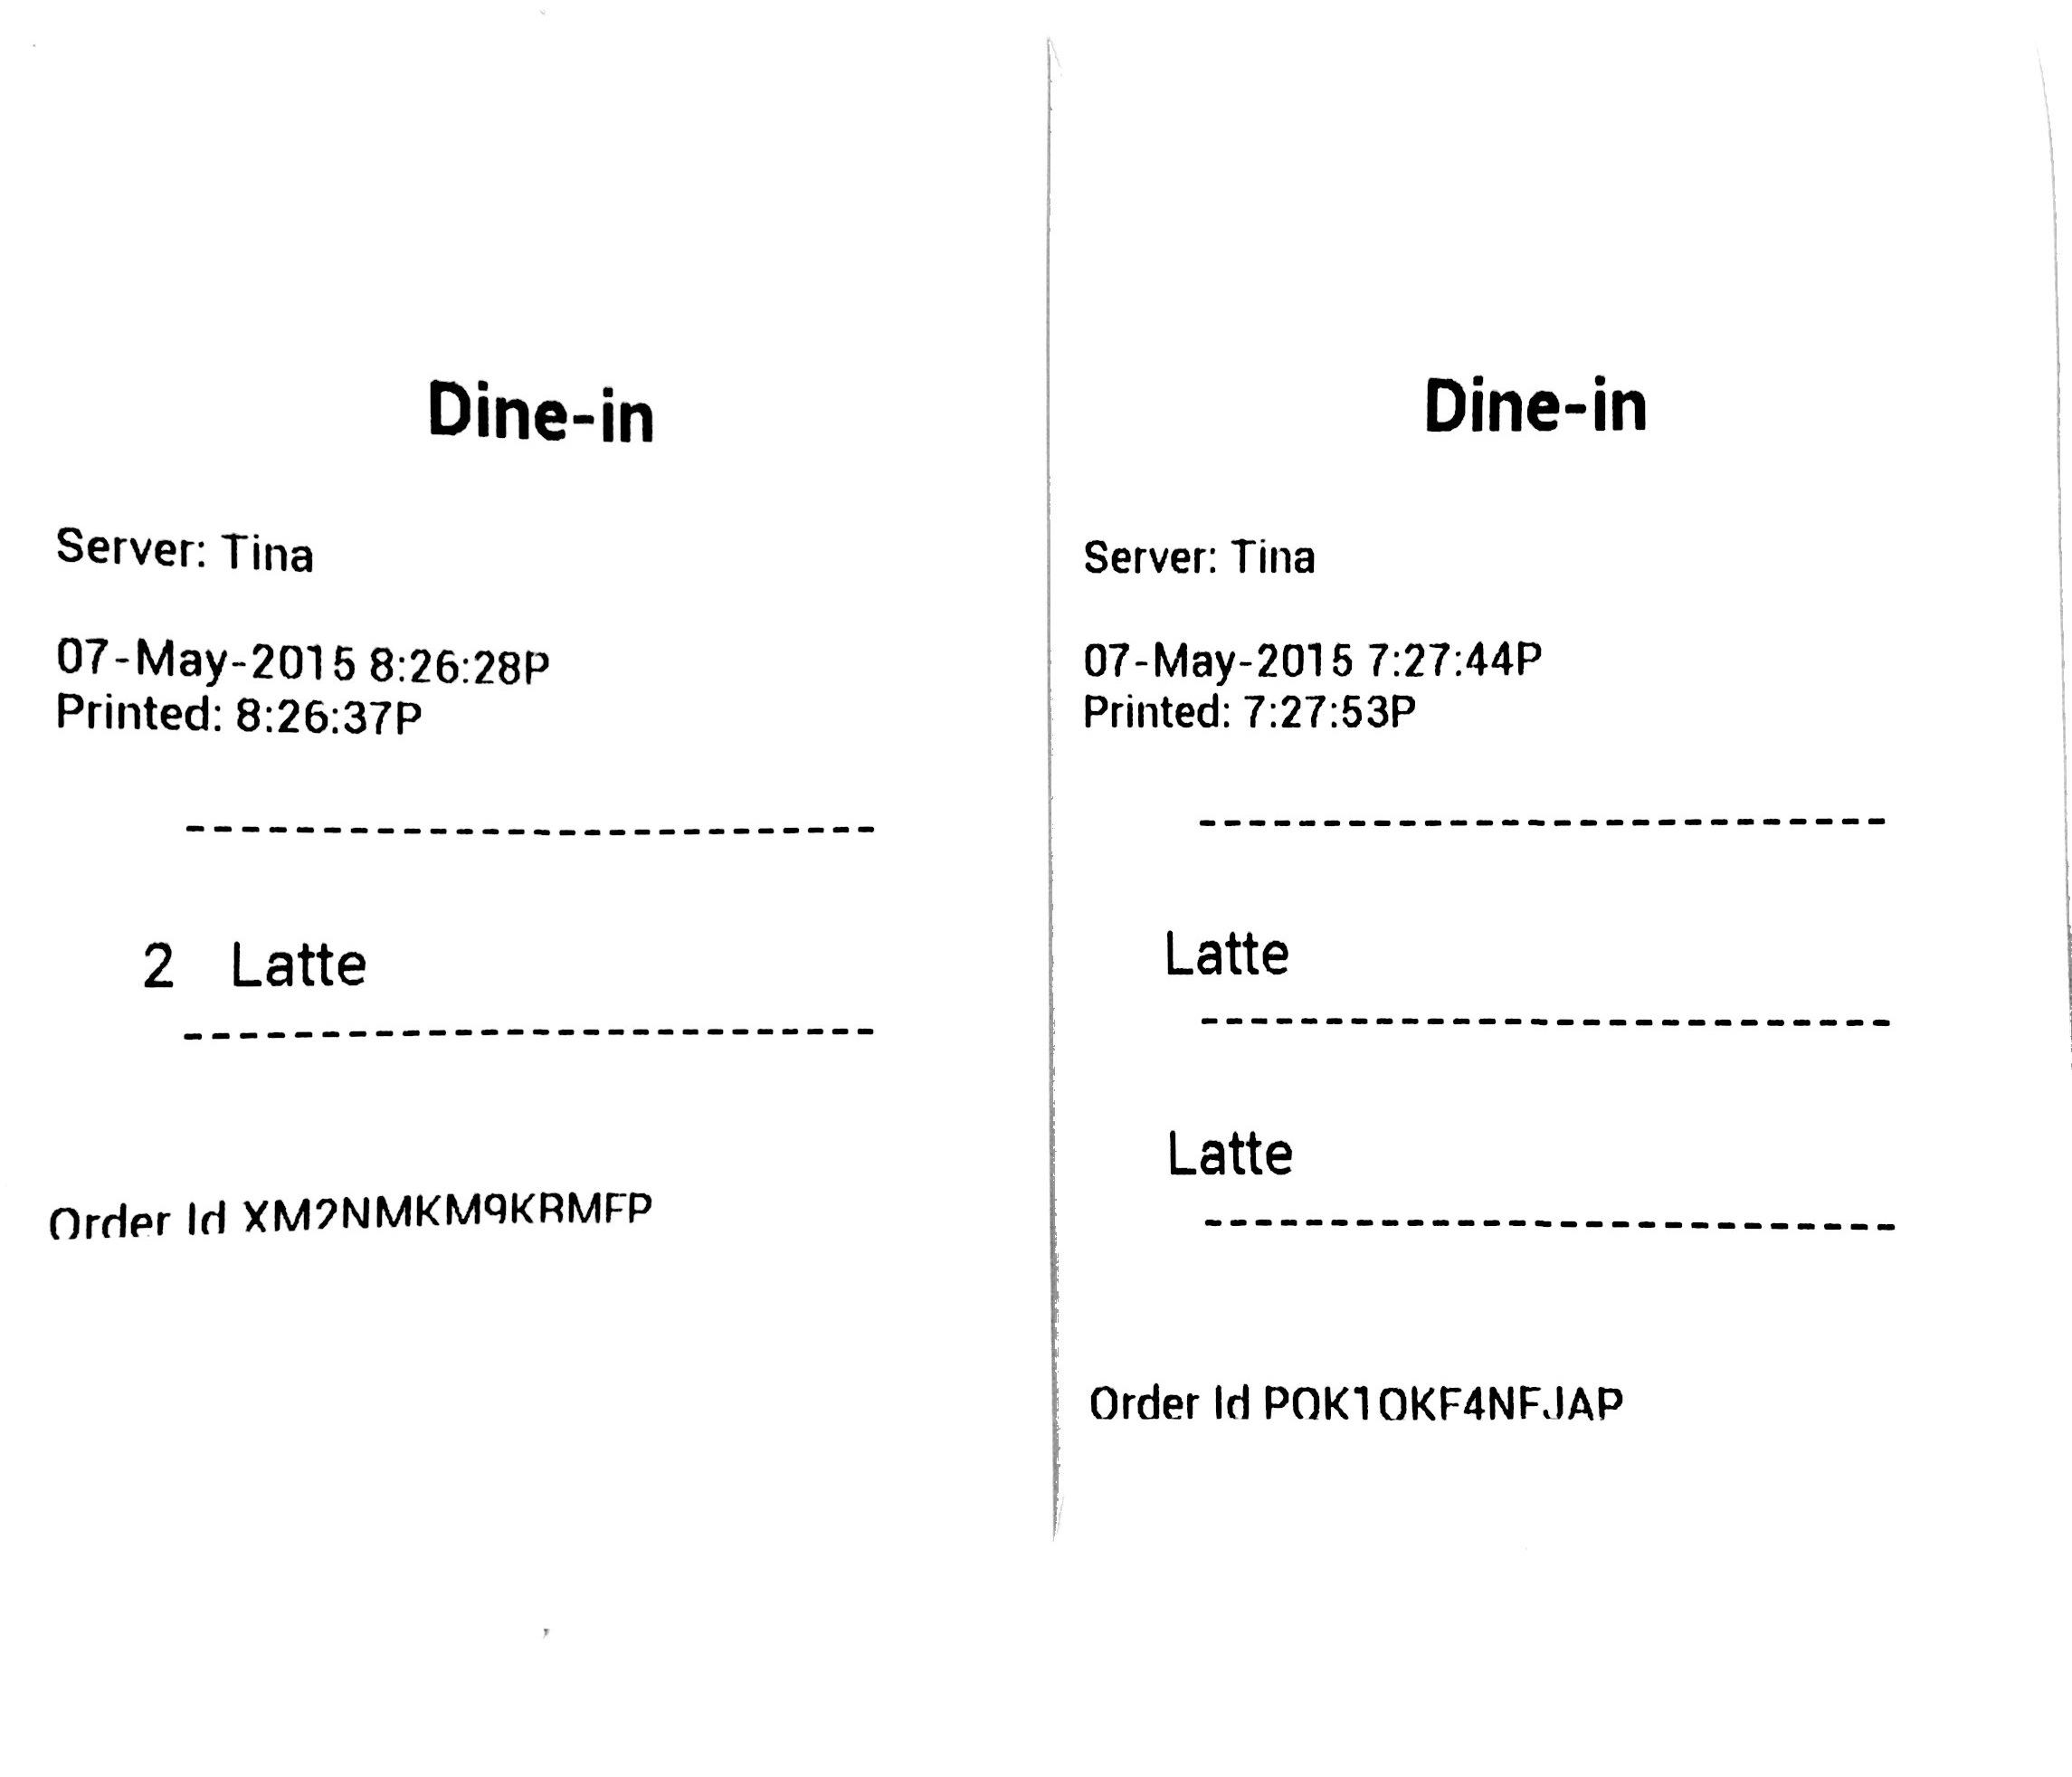 Order Receipts – Receipt